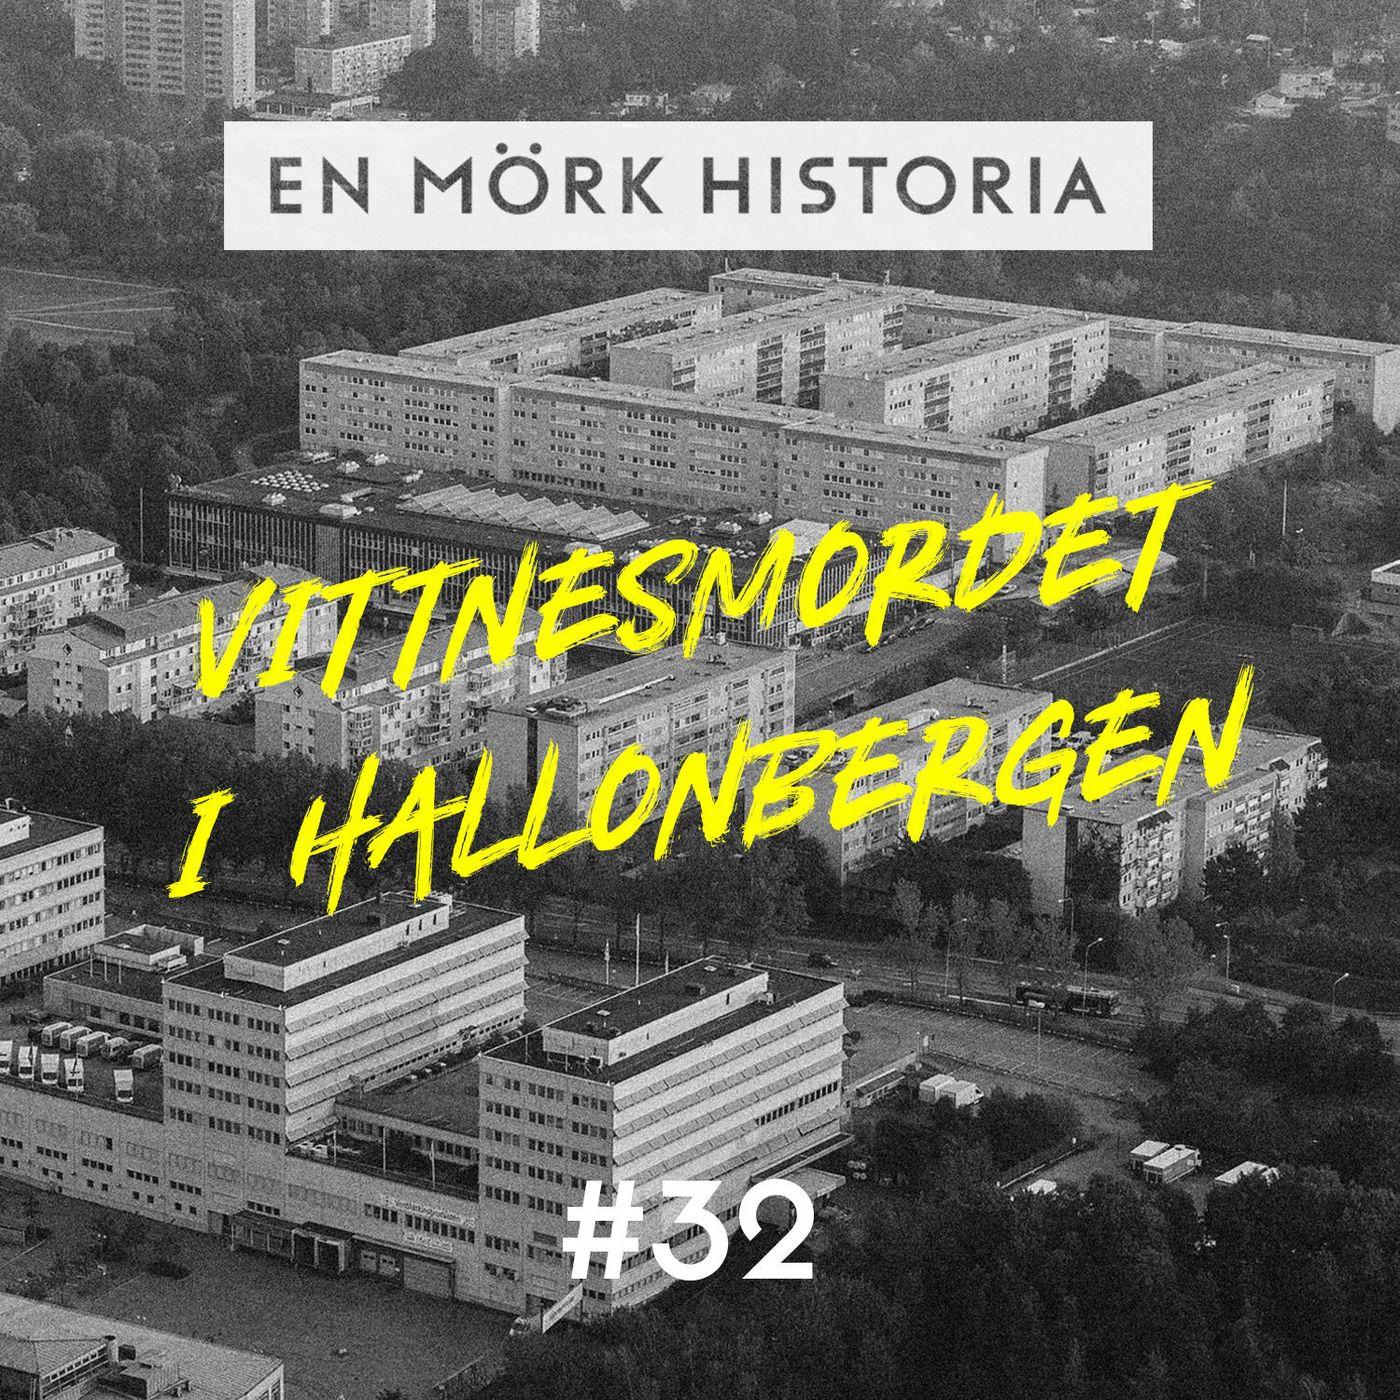 Vittnesmordet i Hallonbergen 3/4 - Barbari på öppen gata